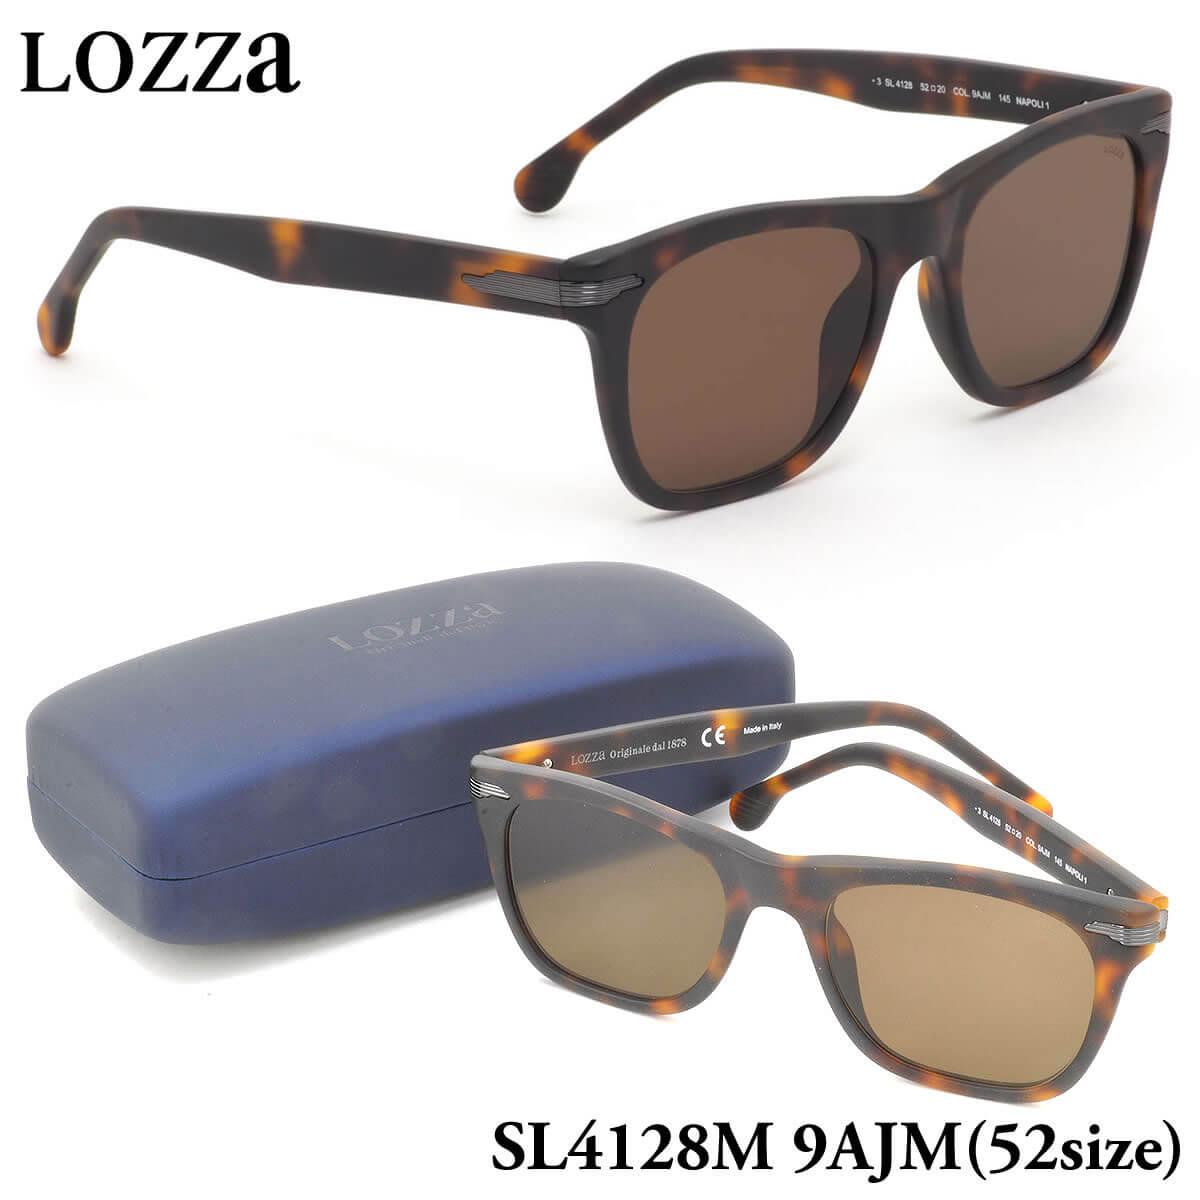 【10月30日からエントリーで全品ポイント20倍】【ロッツァ】 (LOZZA) サングラスSL4128M 9AJM 52サイズNAPOLI 1 LOZZA メンズ レディース